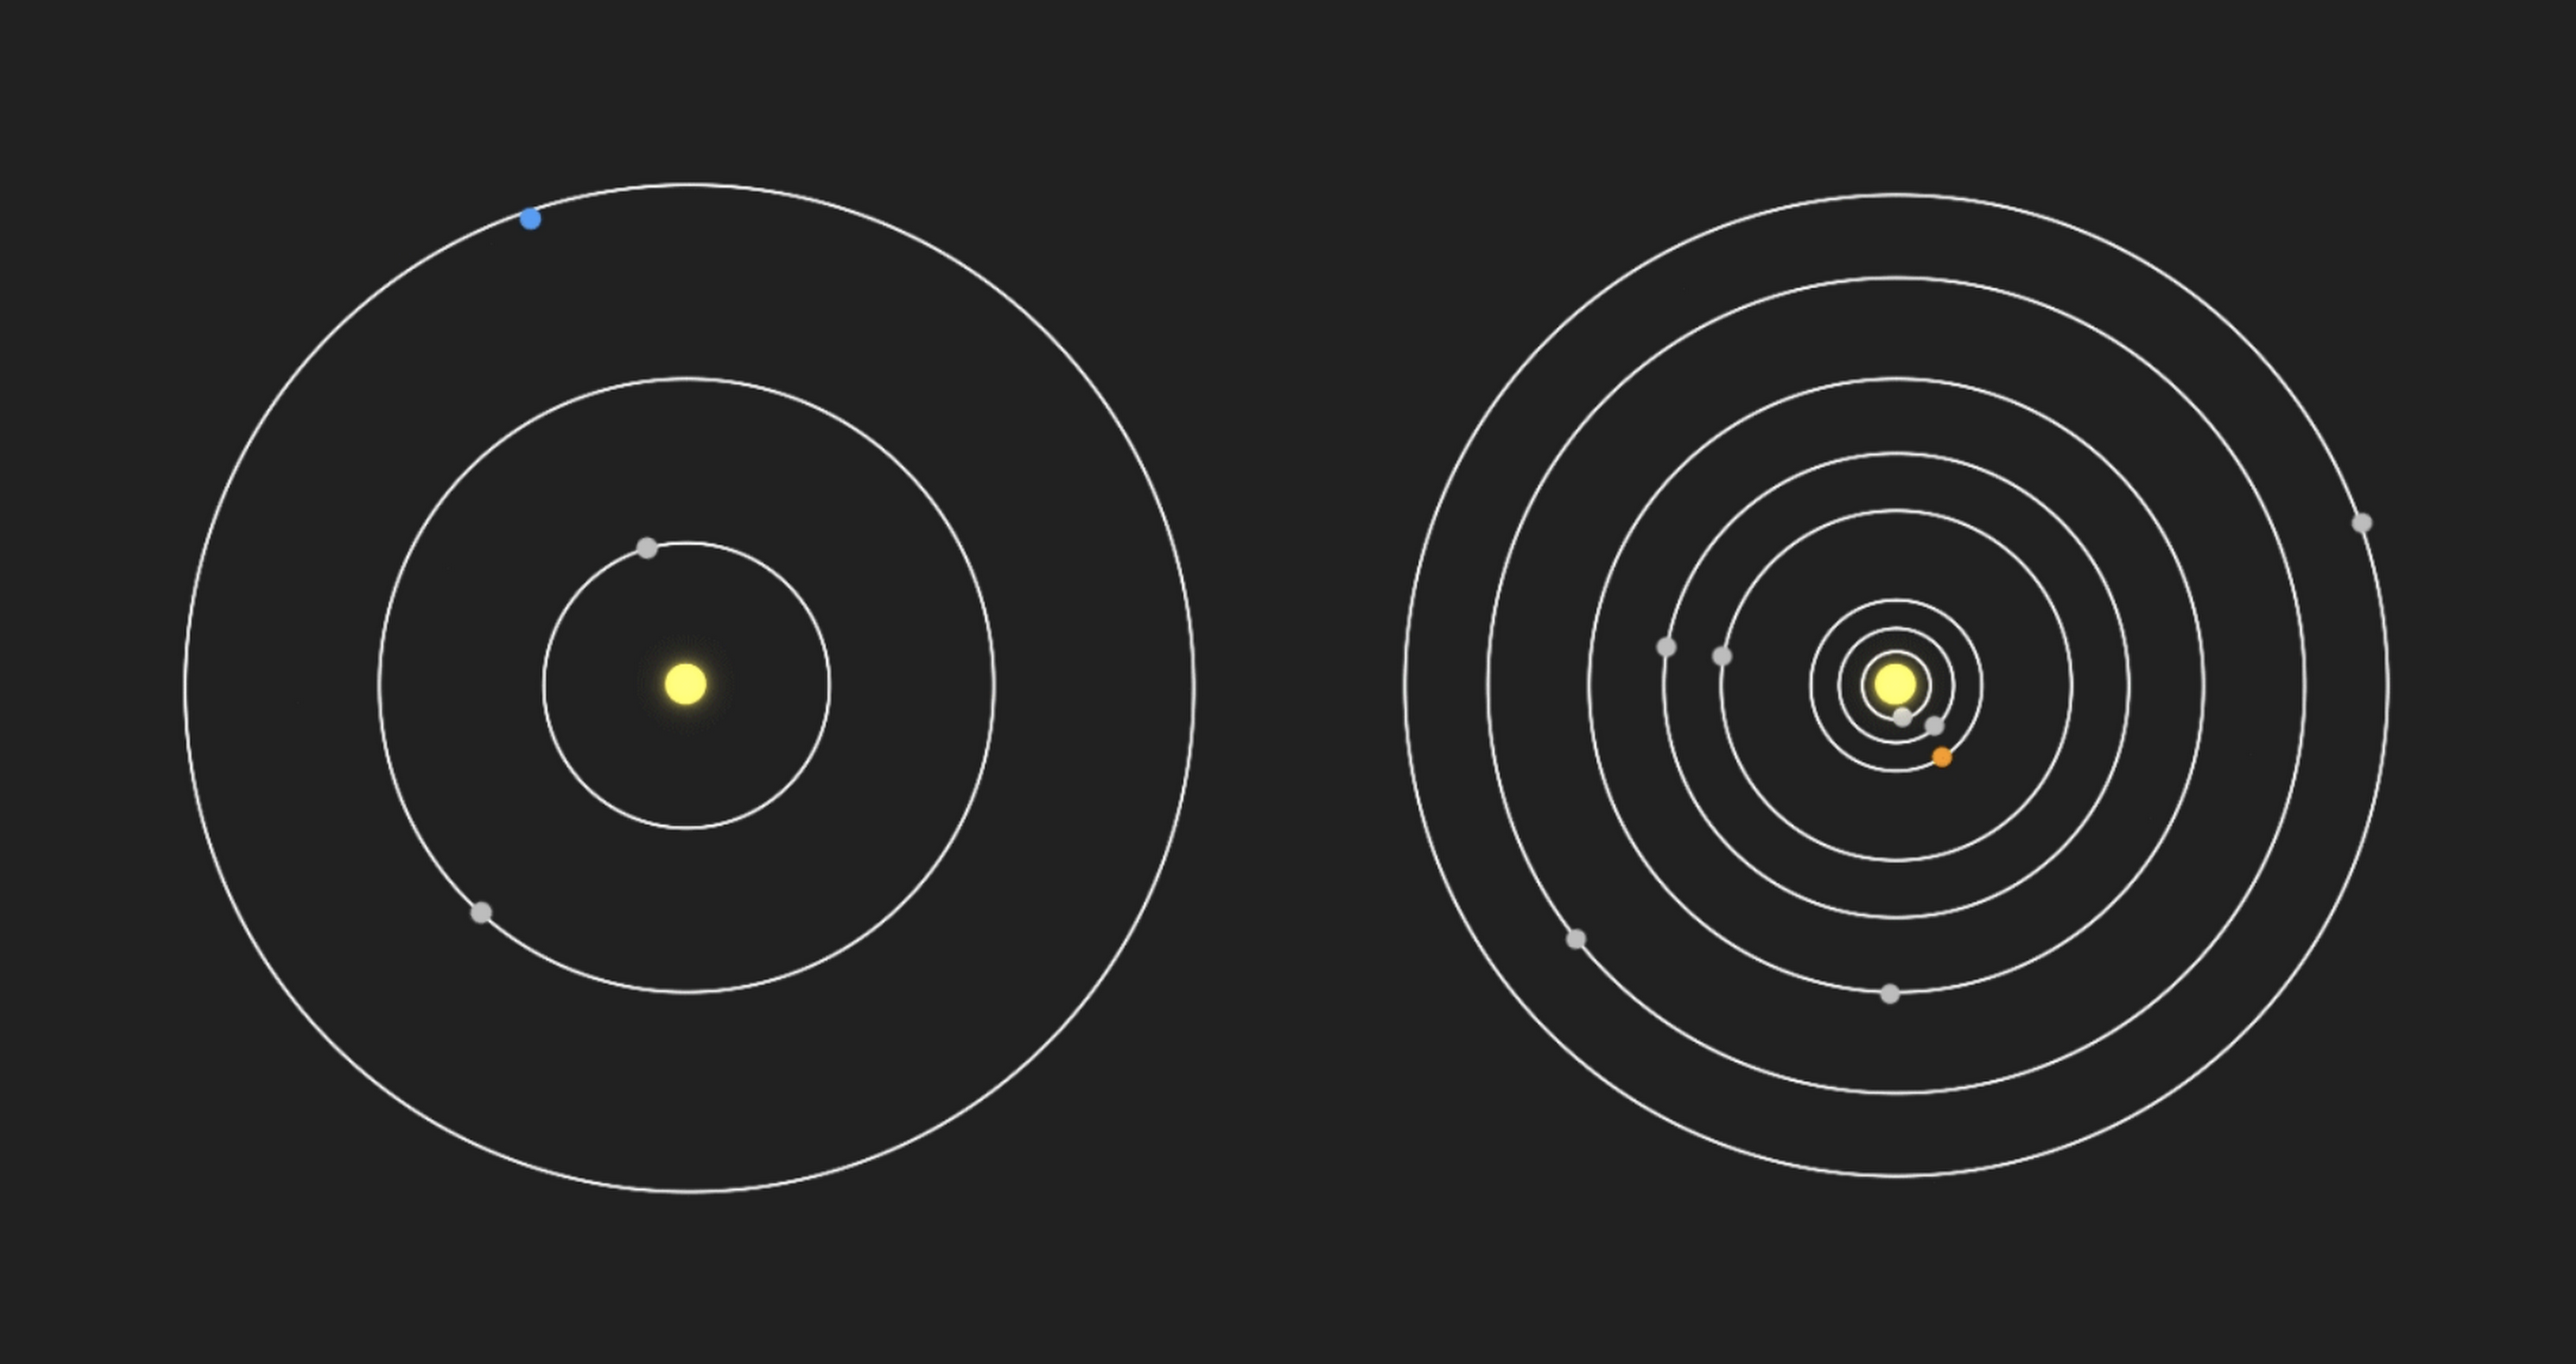 Exoplanet Solar System-Kepler